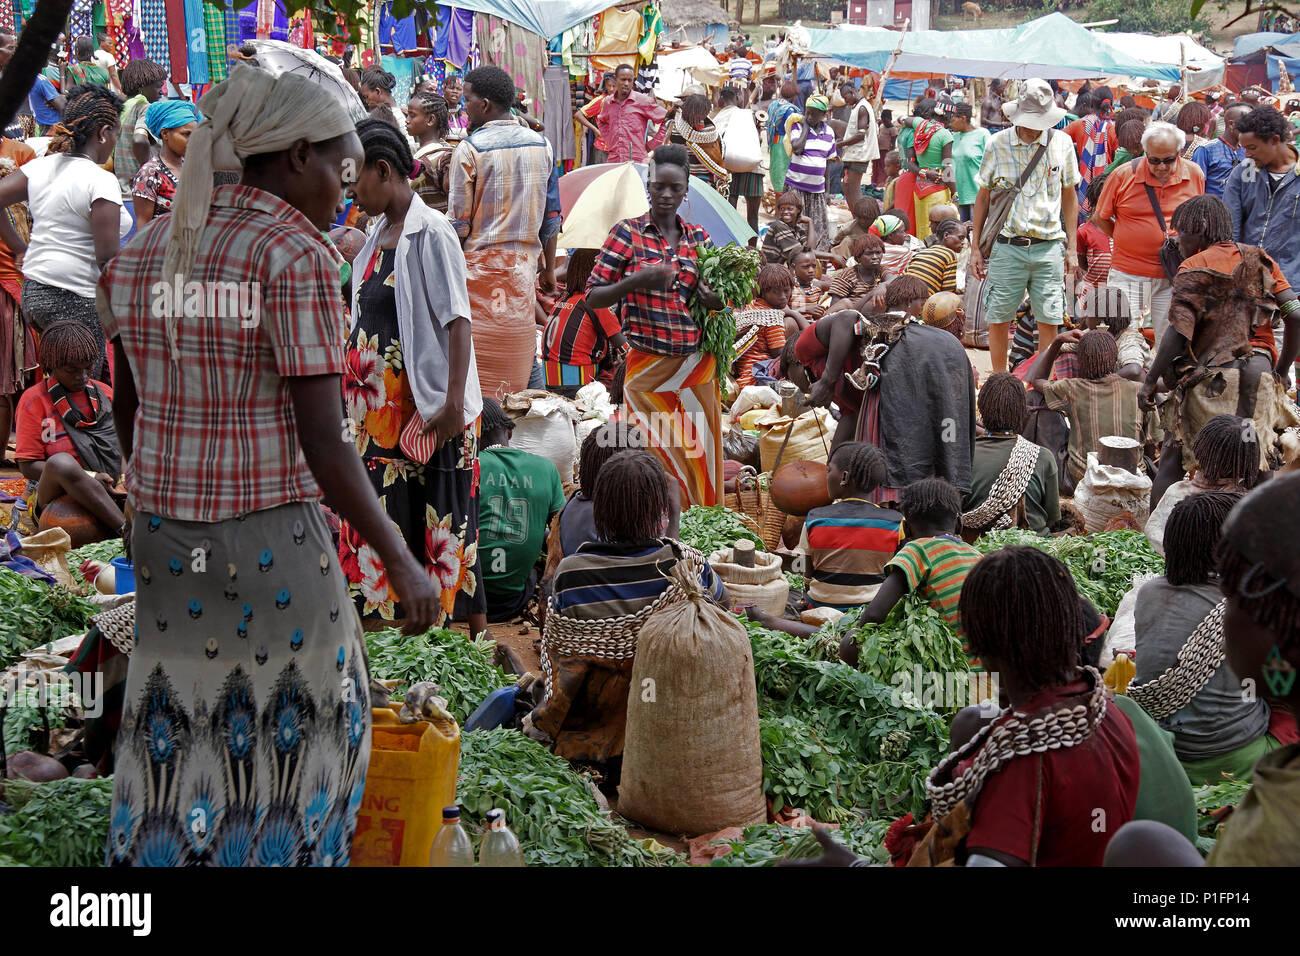 Africa, Ethiopia, Tsemay Market, Afrika, Aethiopien, Tsemay Markt - Stock Image